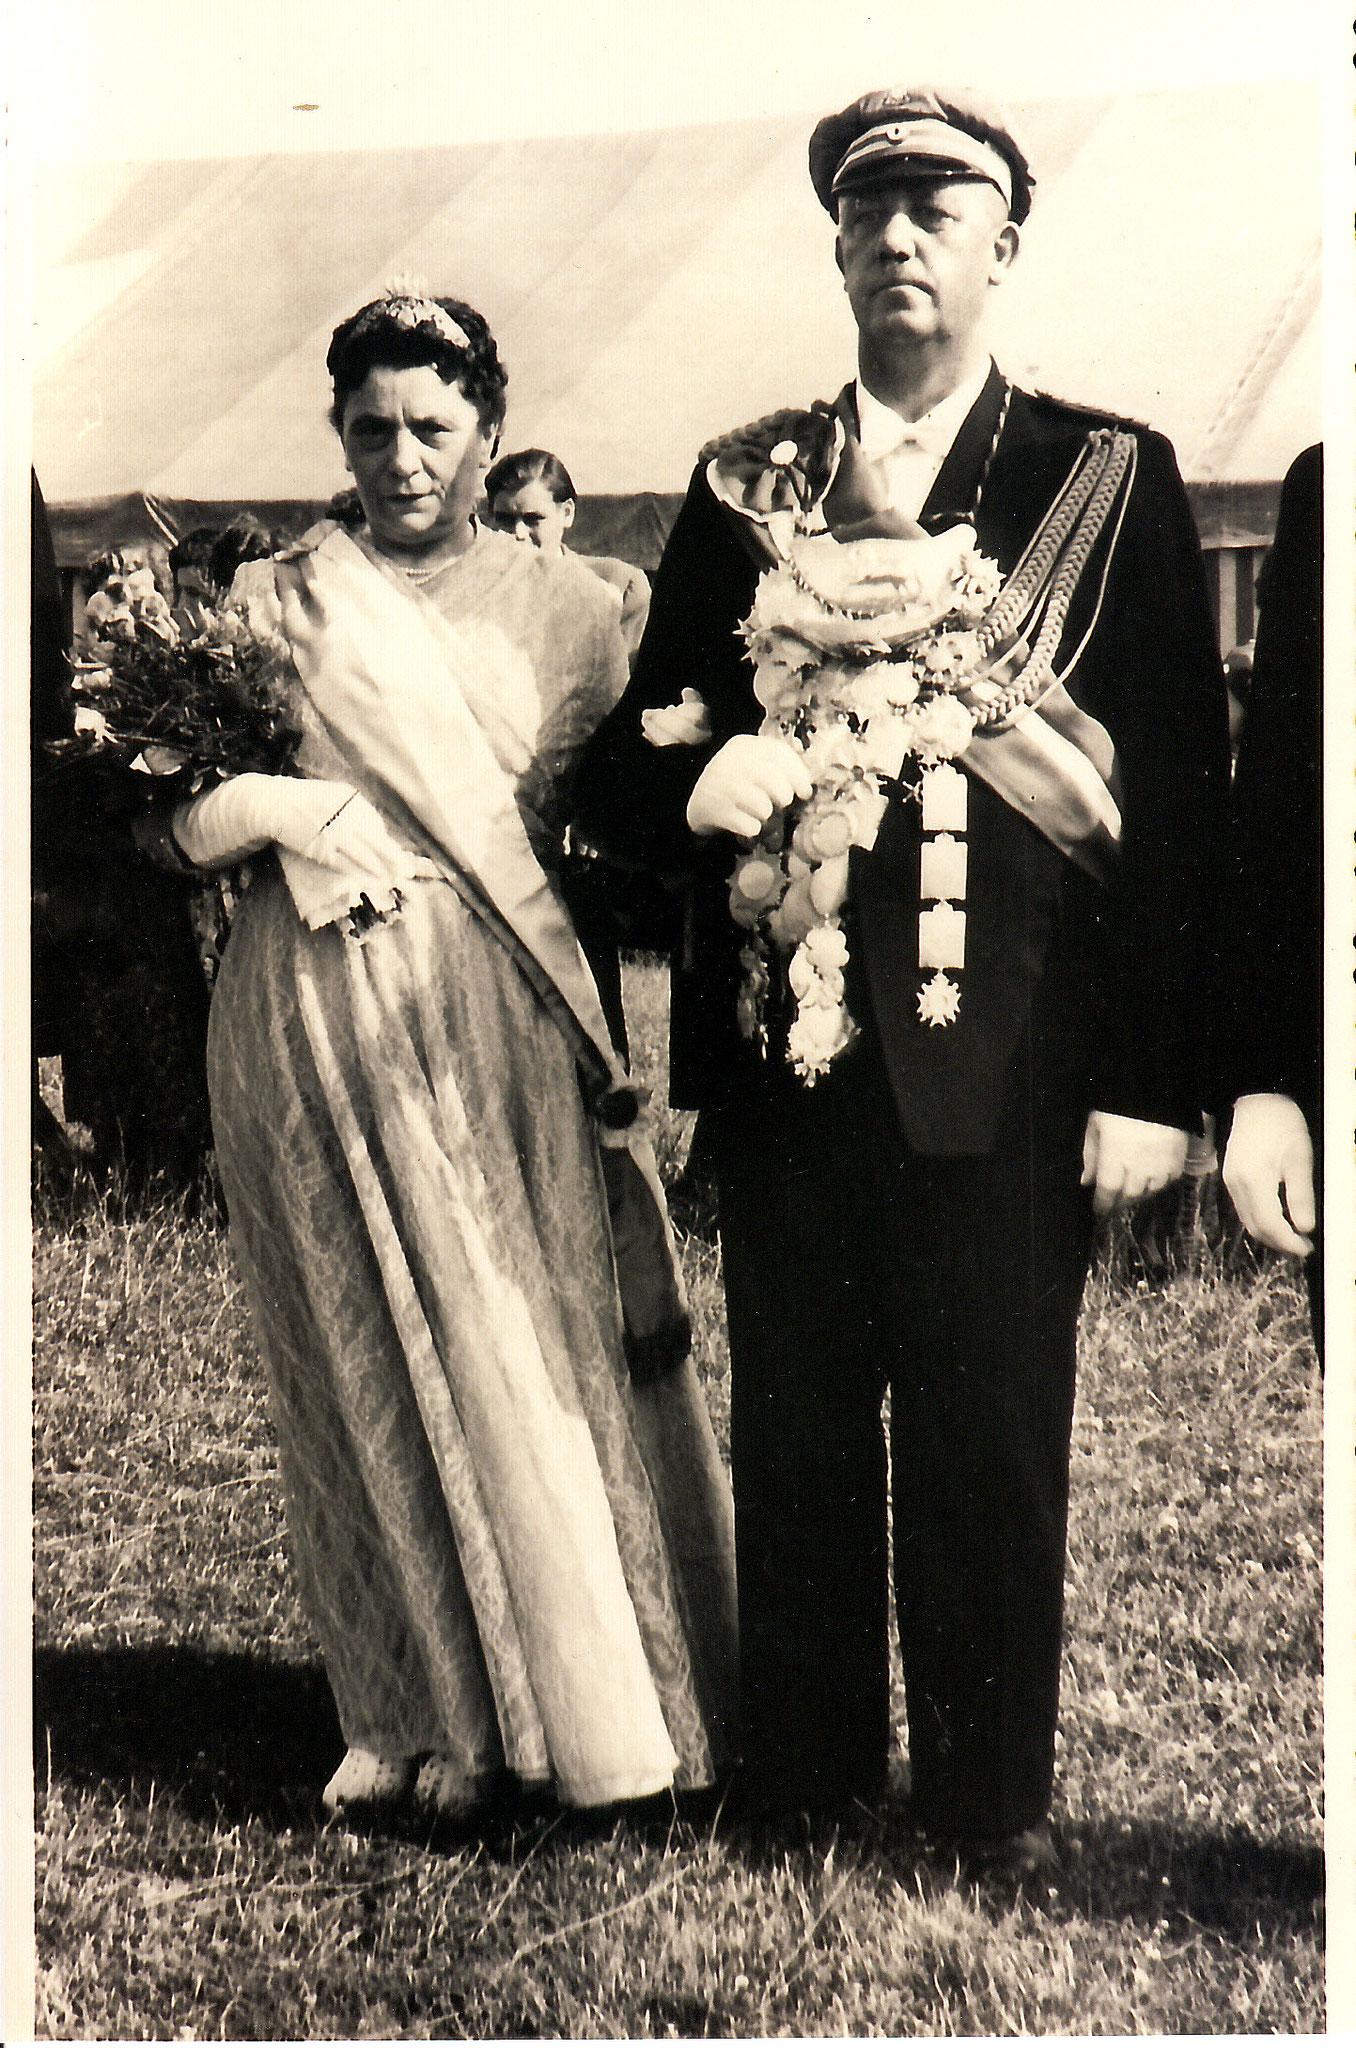 1954 Franz Brune+ & Maria Hebestreit+